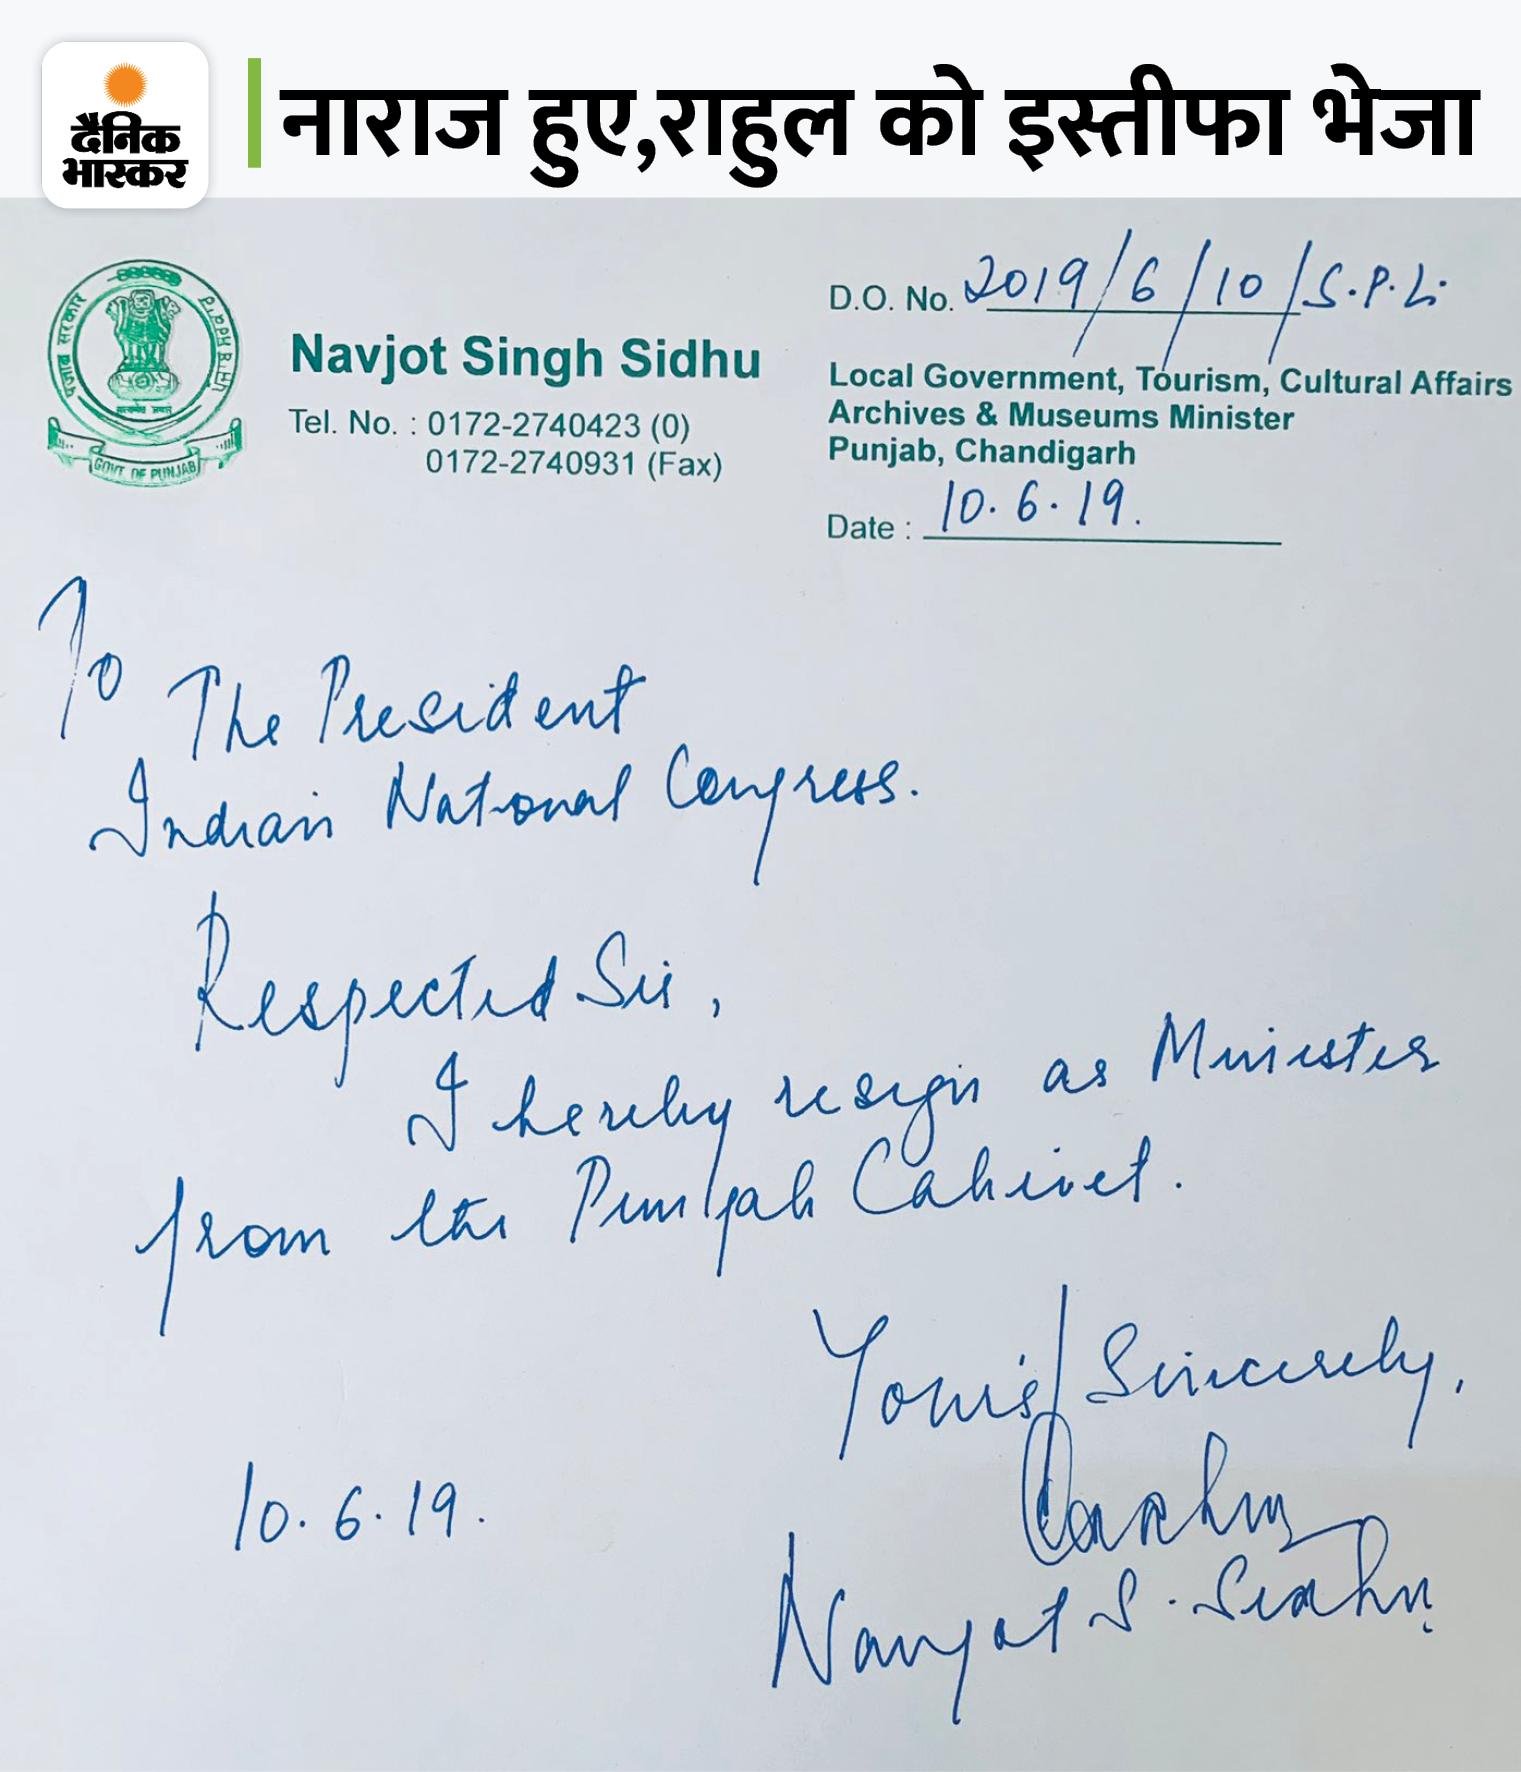 14 जुलाई 2019- बिजली-किसानों के मुद्दे पर सिद्धू ने आवाज उठाई, पर कैप्टन पर असर नहीं पड़ा। इसके बाद उन्होंने कैप्टन को निशाना बनाना शुरू कर दिया। इसके बाद उनका मंत्रालय बदल दिया गया। नाराज सिद्धू ने पंजाब कैबिनेट से इस्तीफा दे दिया और इस्तीफा भेजा राहुल गांधी को।